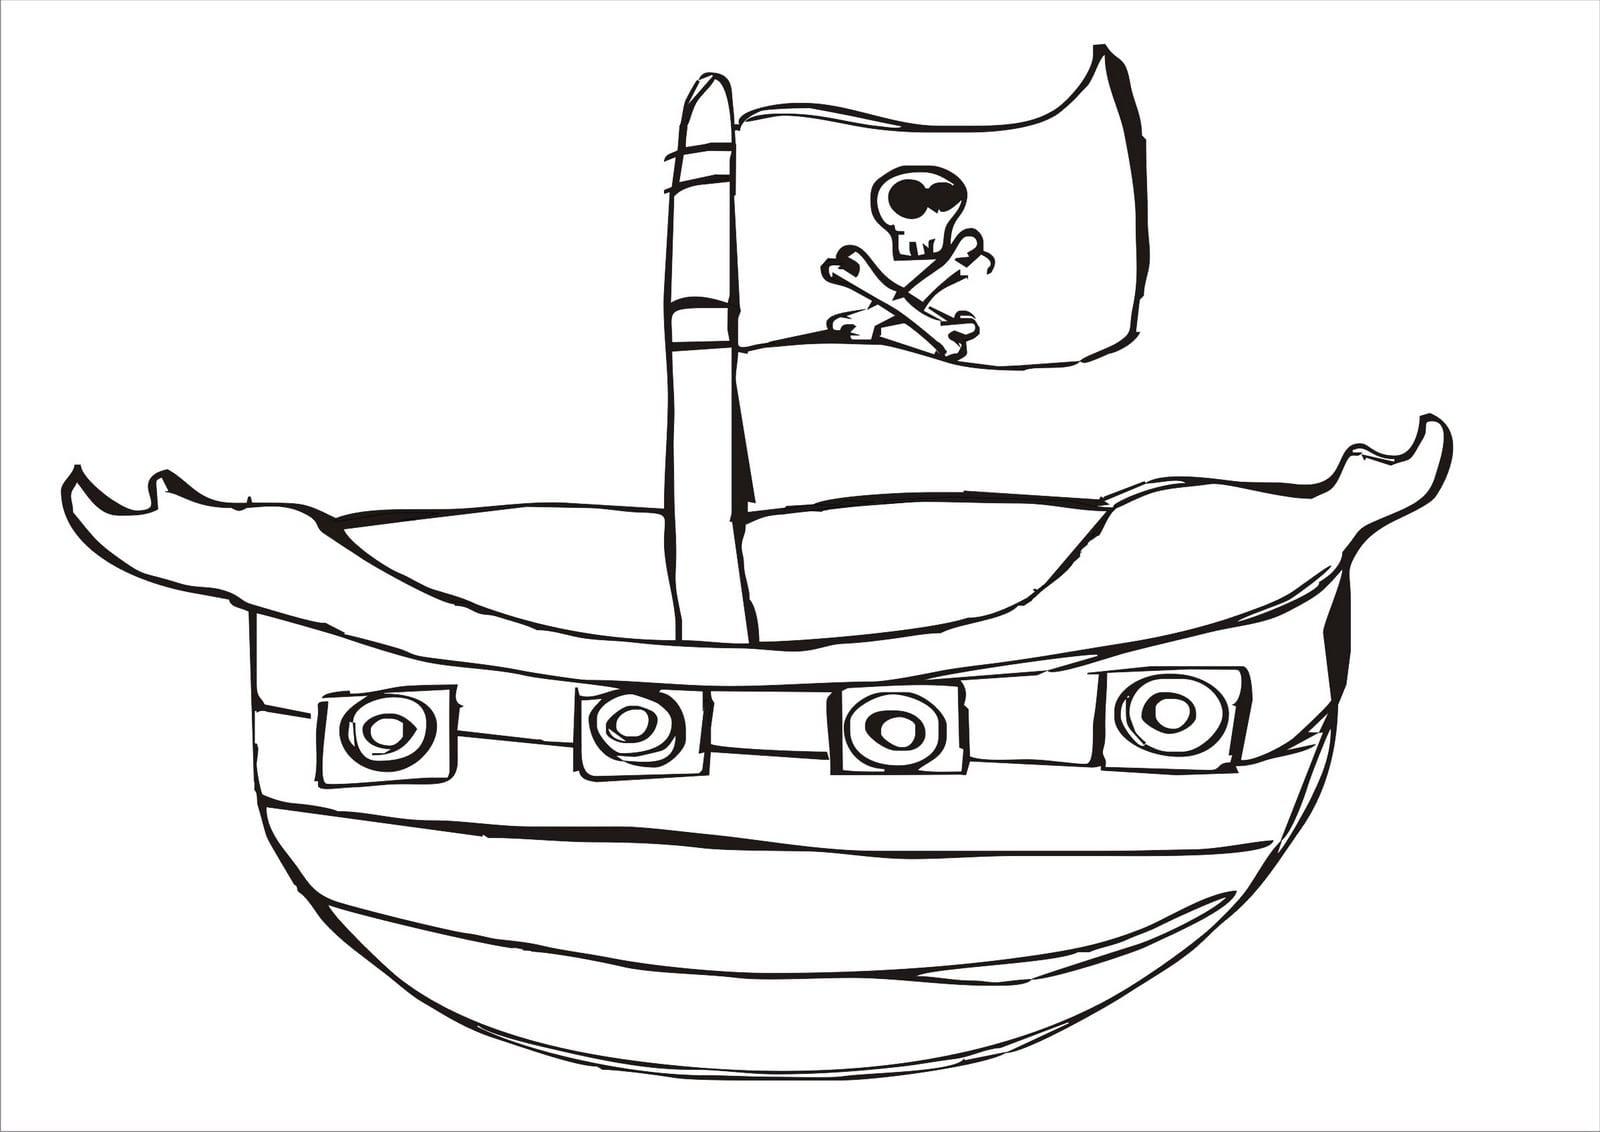 Desenhos Para Colorir  Desenho Para Colorir De Barco Pirata